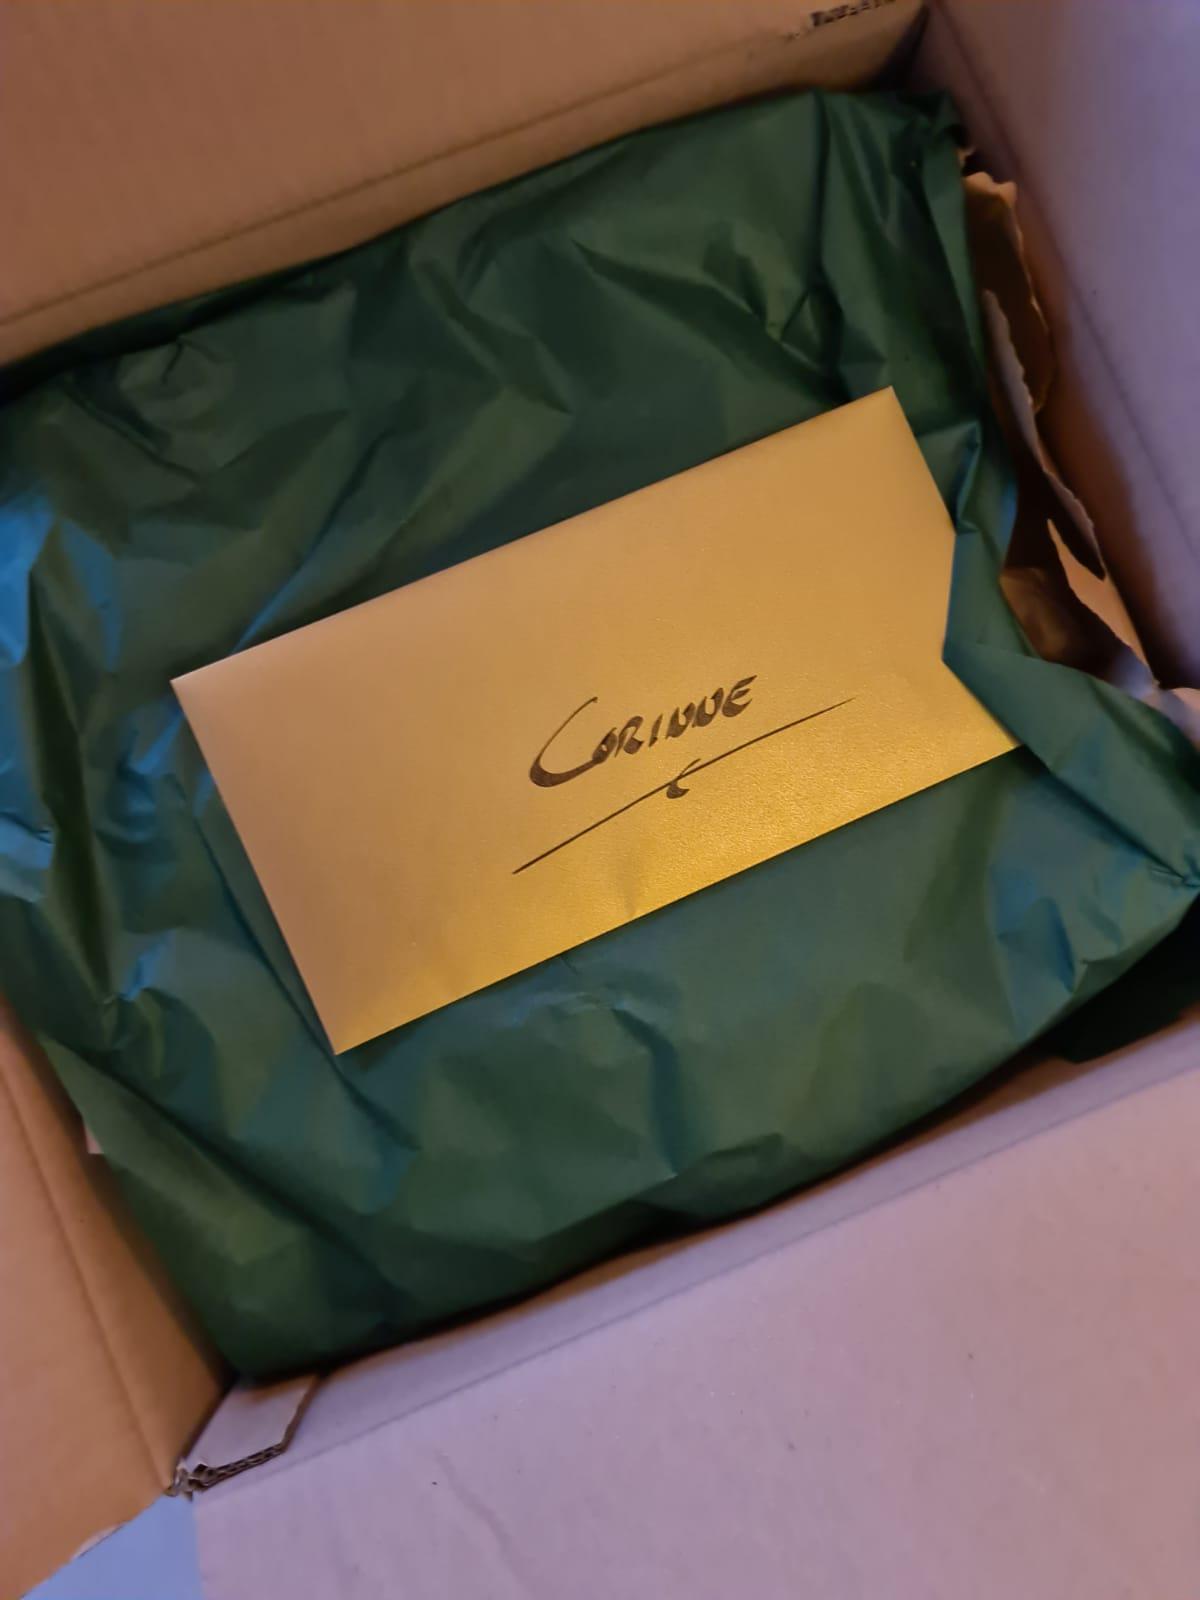 Ontvangen pakket bij Corinne - jeromeschampagne.nl